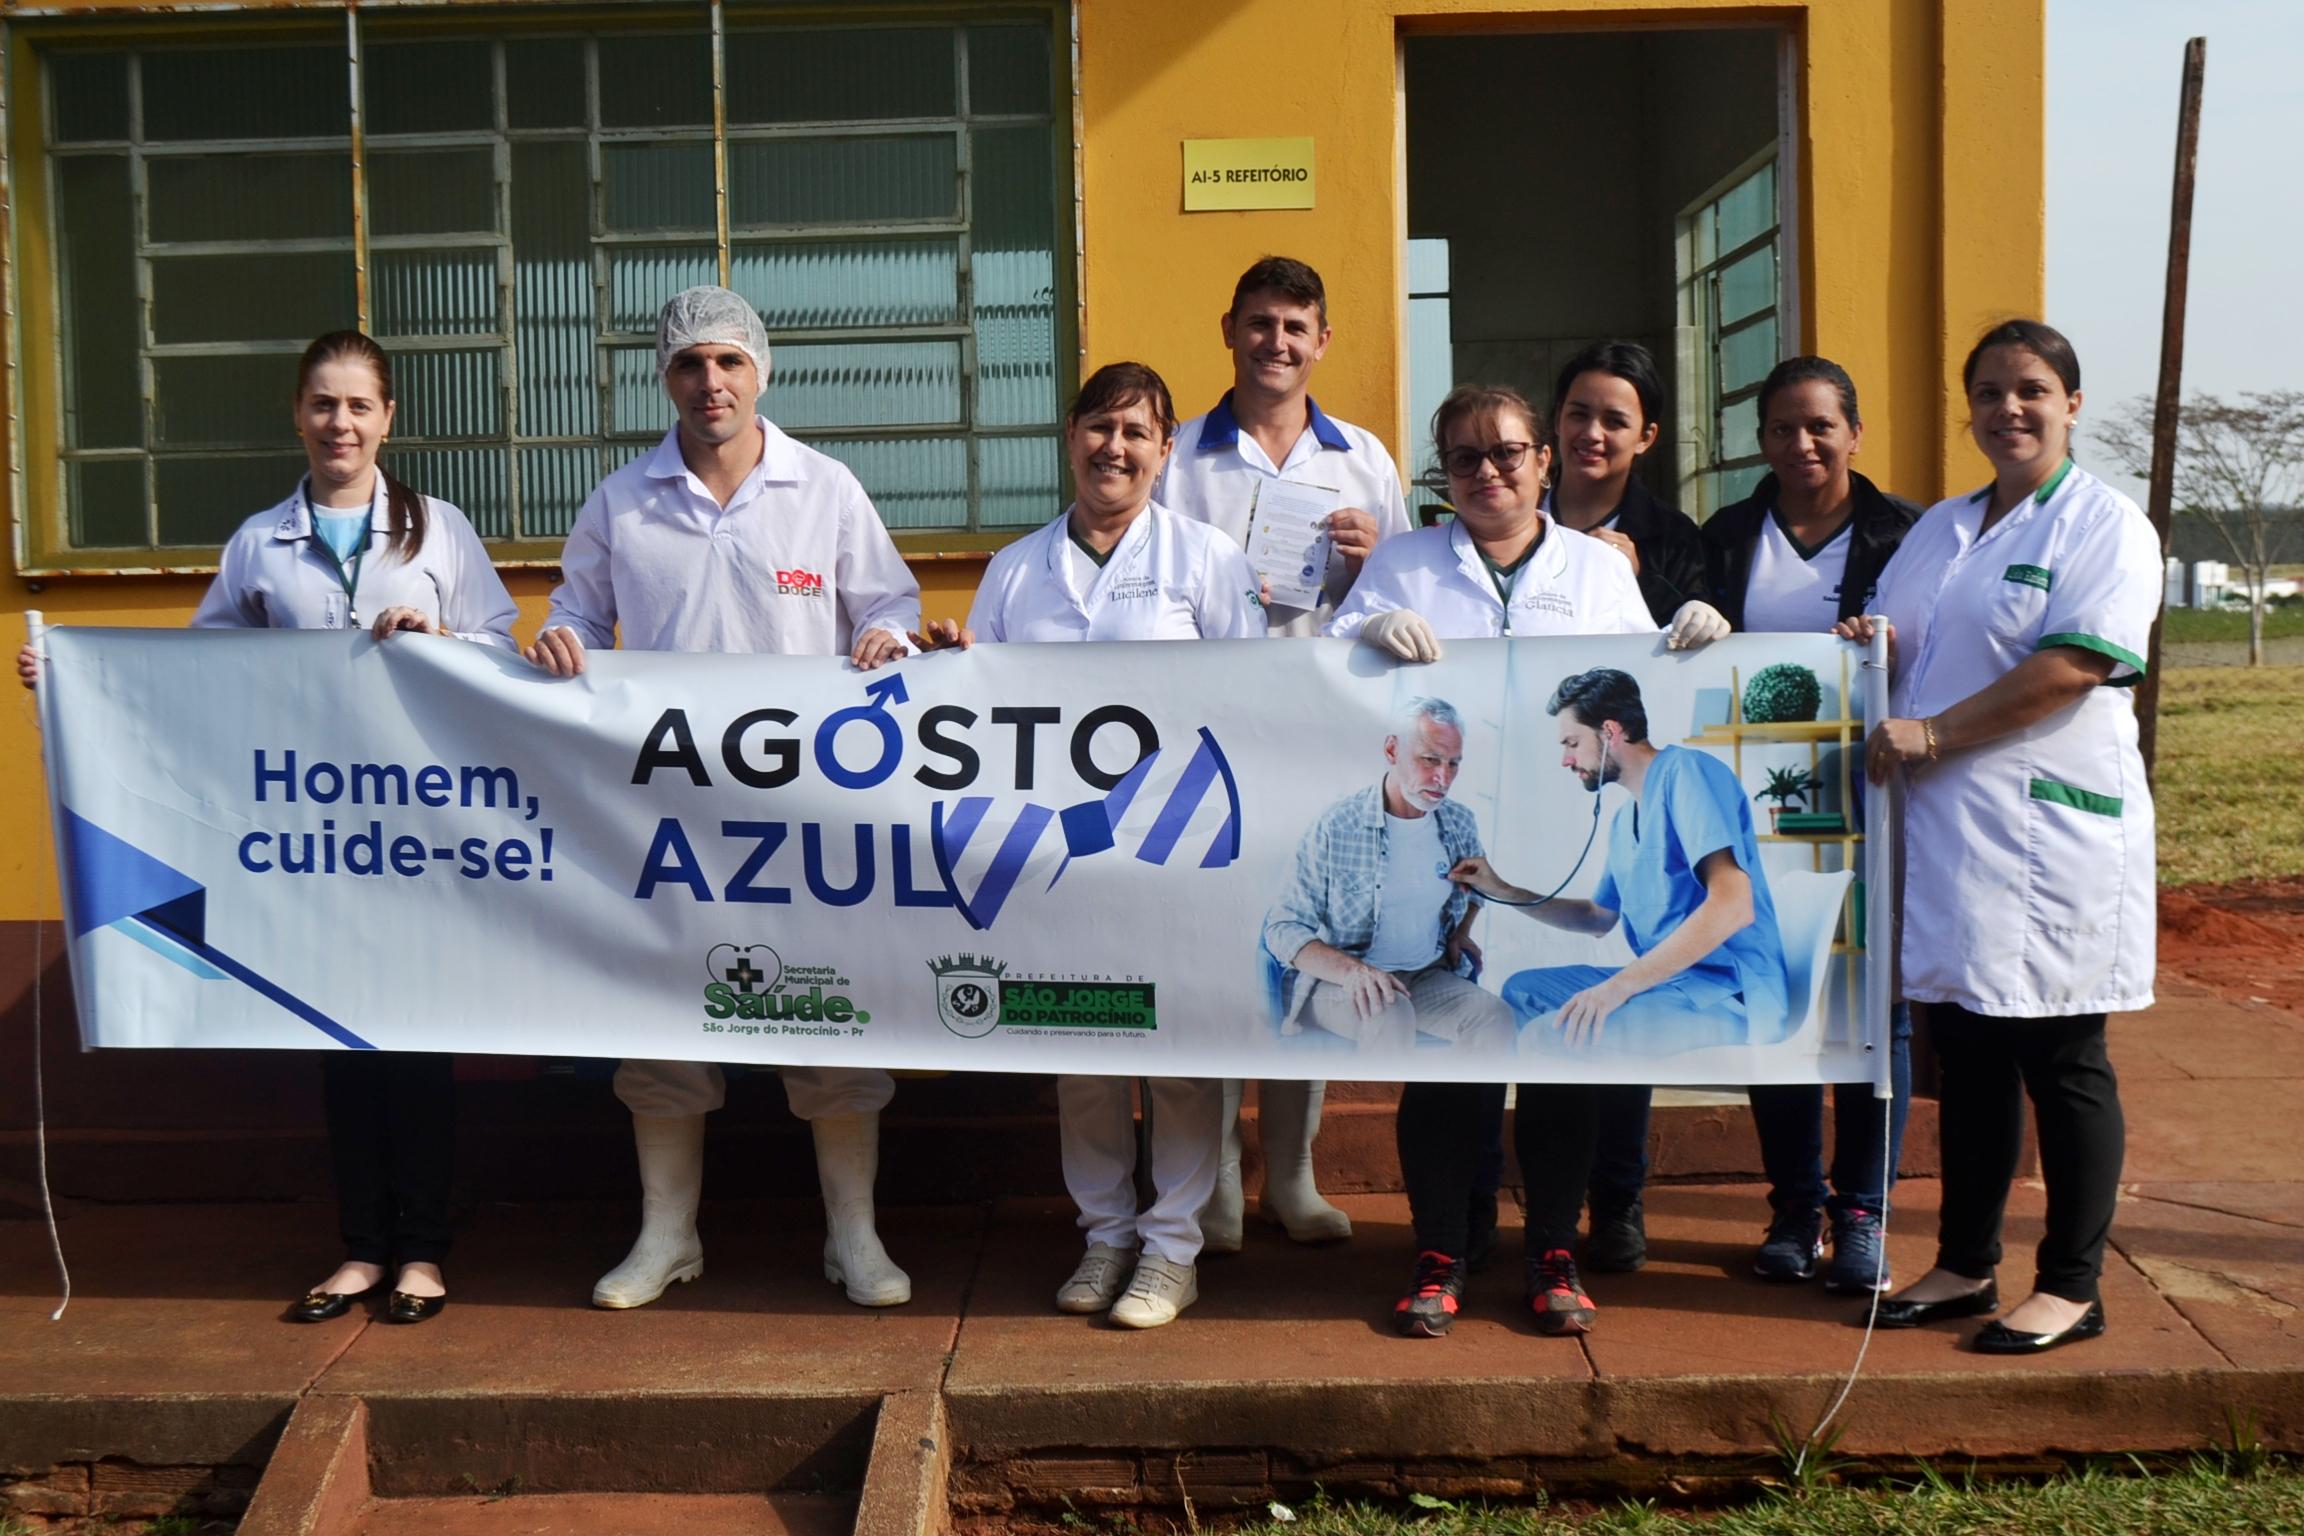 CAMPANHA AGOSTO AZUL ALERTA HOMENS SOBRE CUIDADOS COM SAÚDE